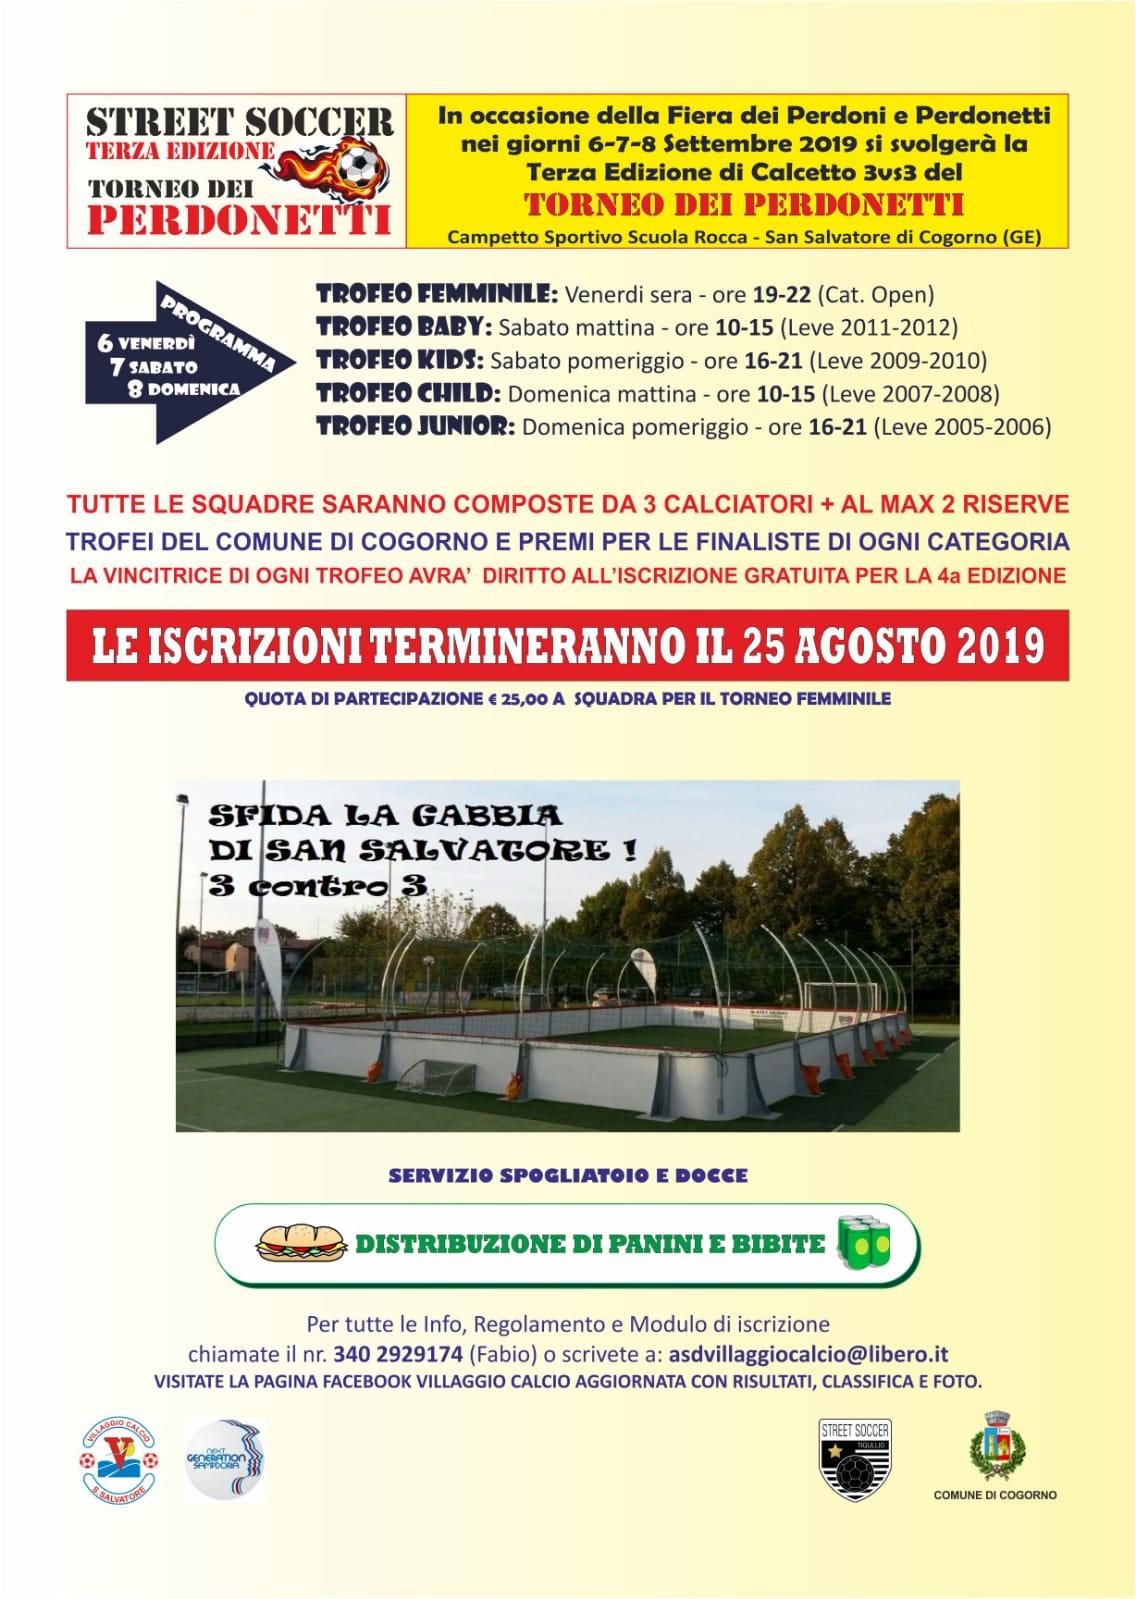 Street soccer: 3° edizione Torneo dei Perdonetti a cura di Villaggio Calcio